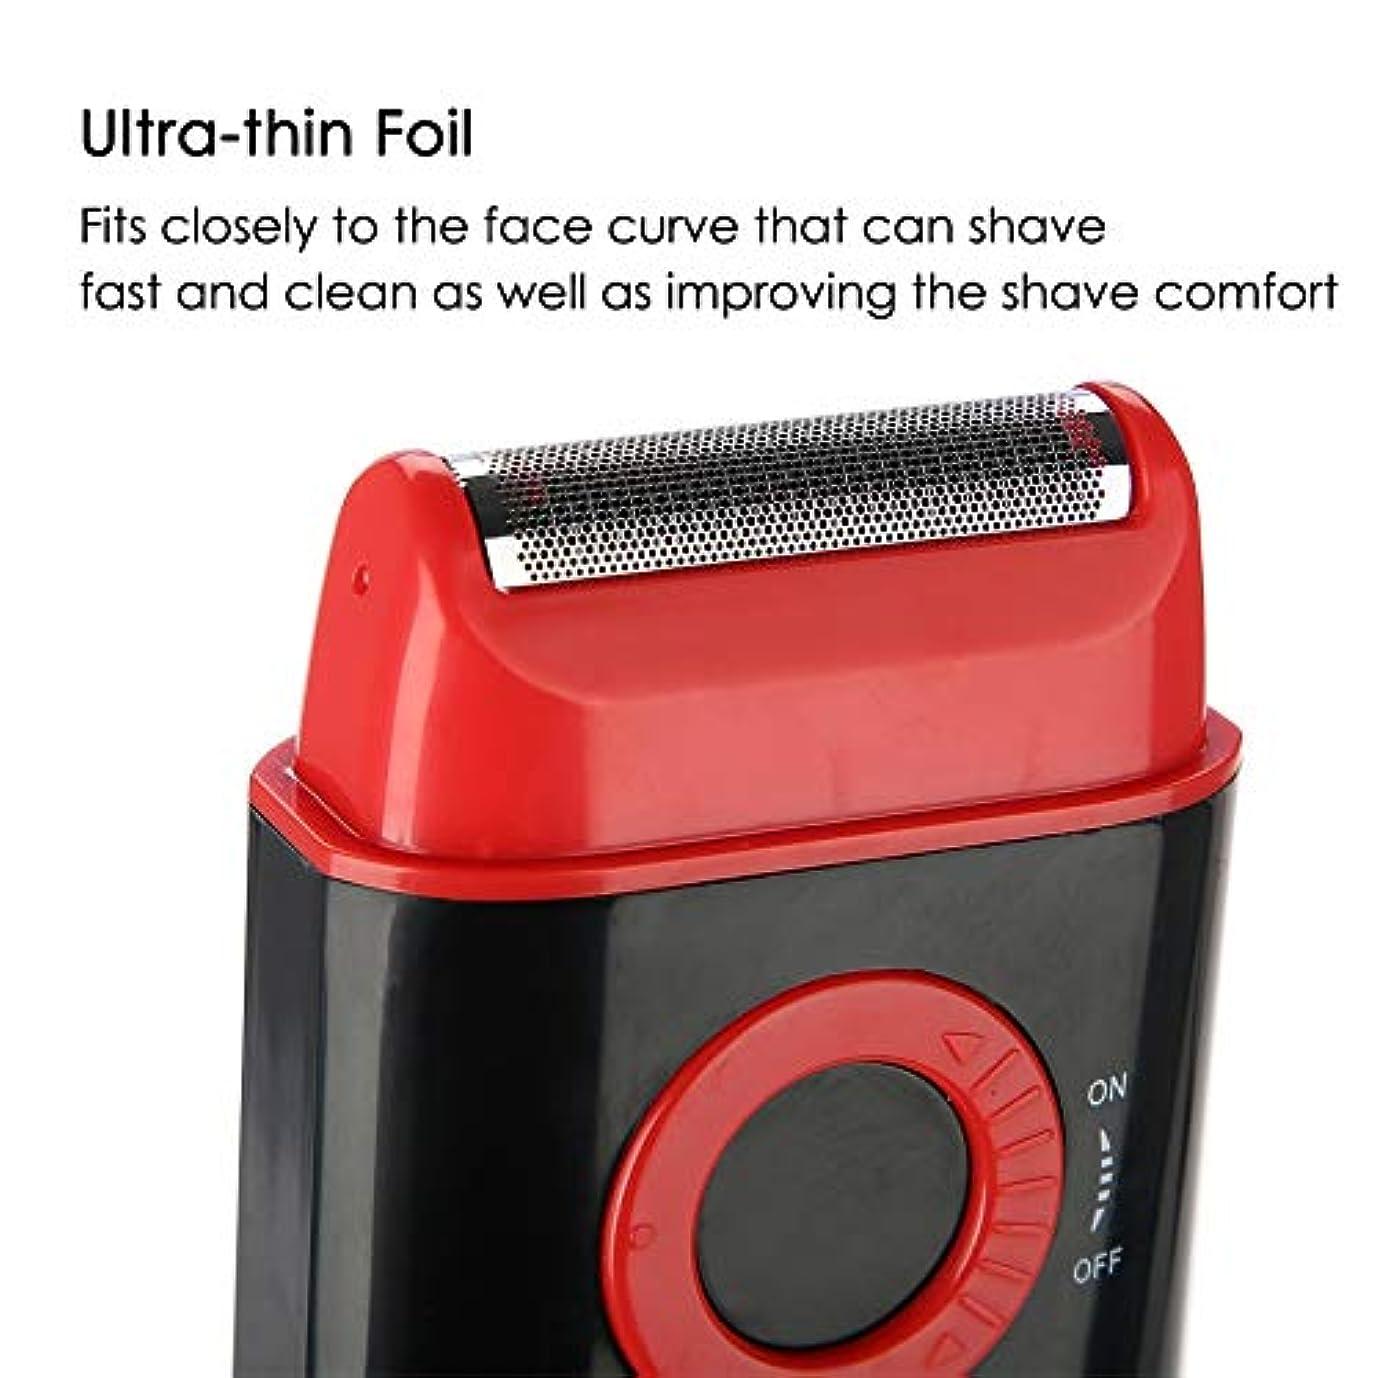 着実に会社たとえ電気シェーバー 剃刀 男性 超薄型箔ポップアップひげトリマー単3電池のパワーシェービングカミソリ (レッド)